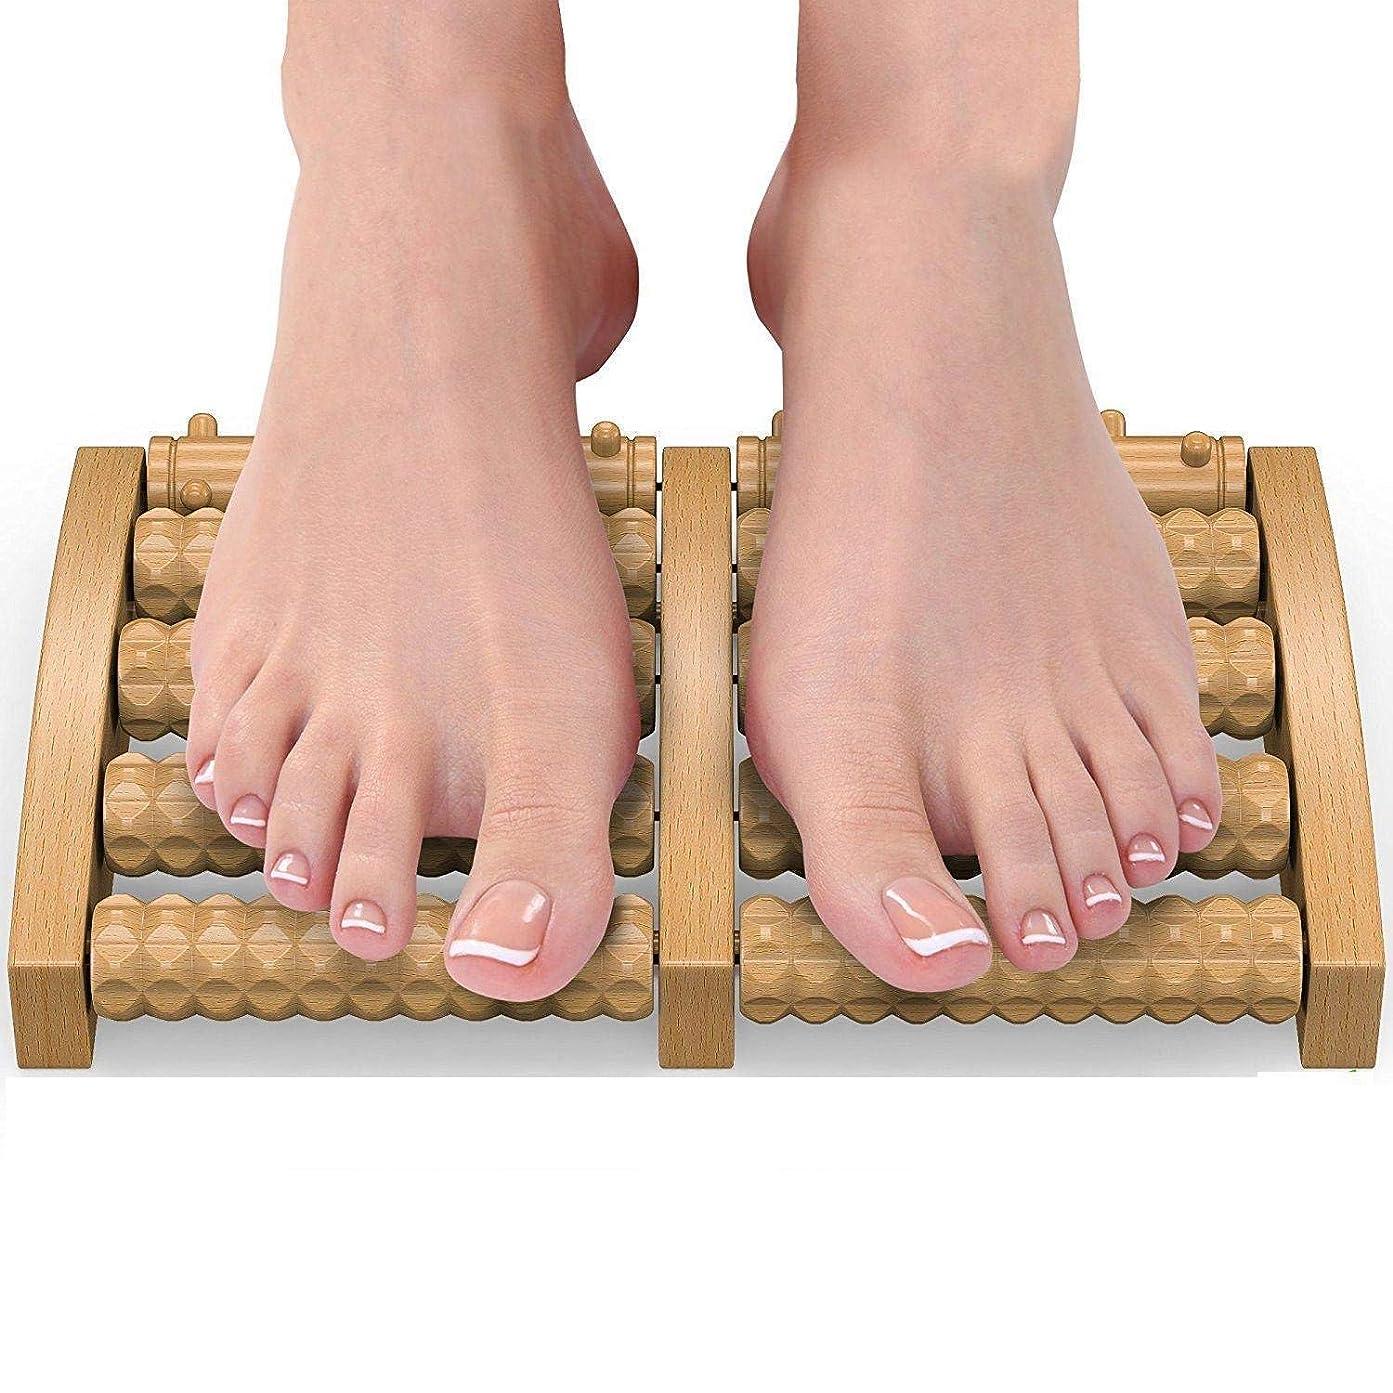 報告書行方不明絶妙足のマッサージトマッサージャーフットマッサージローラー木製ホイール、足底筋膜炎ストレスヒールアーチ痛み指圧指圧緩和、2個を和らげる